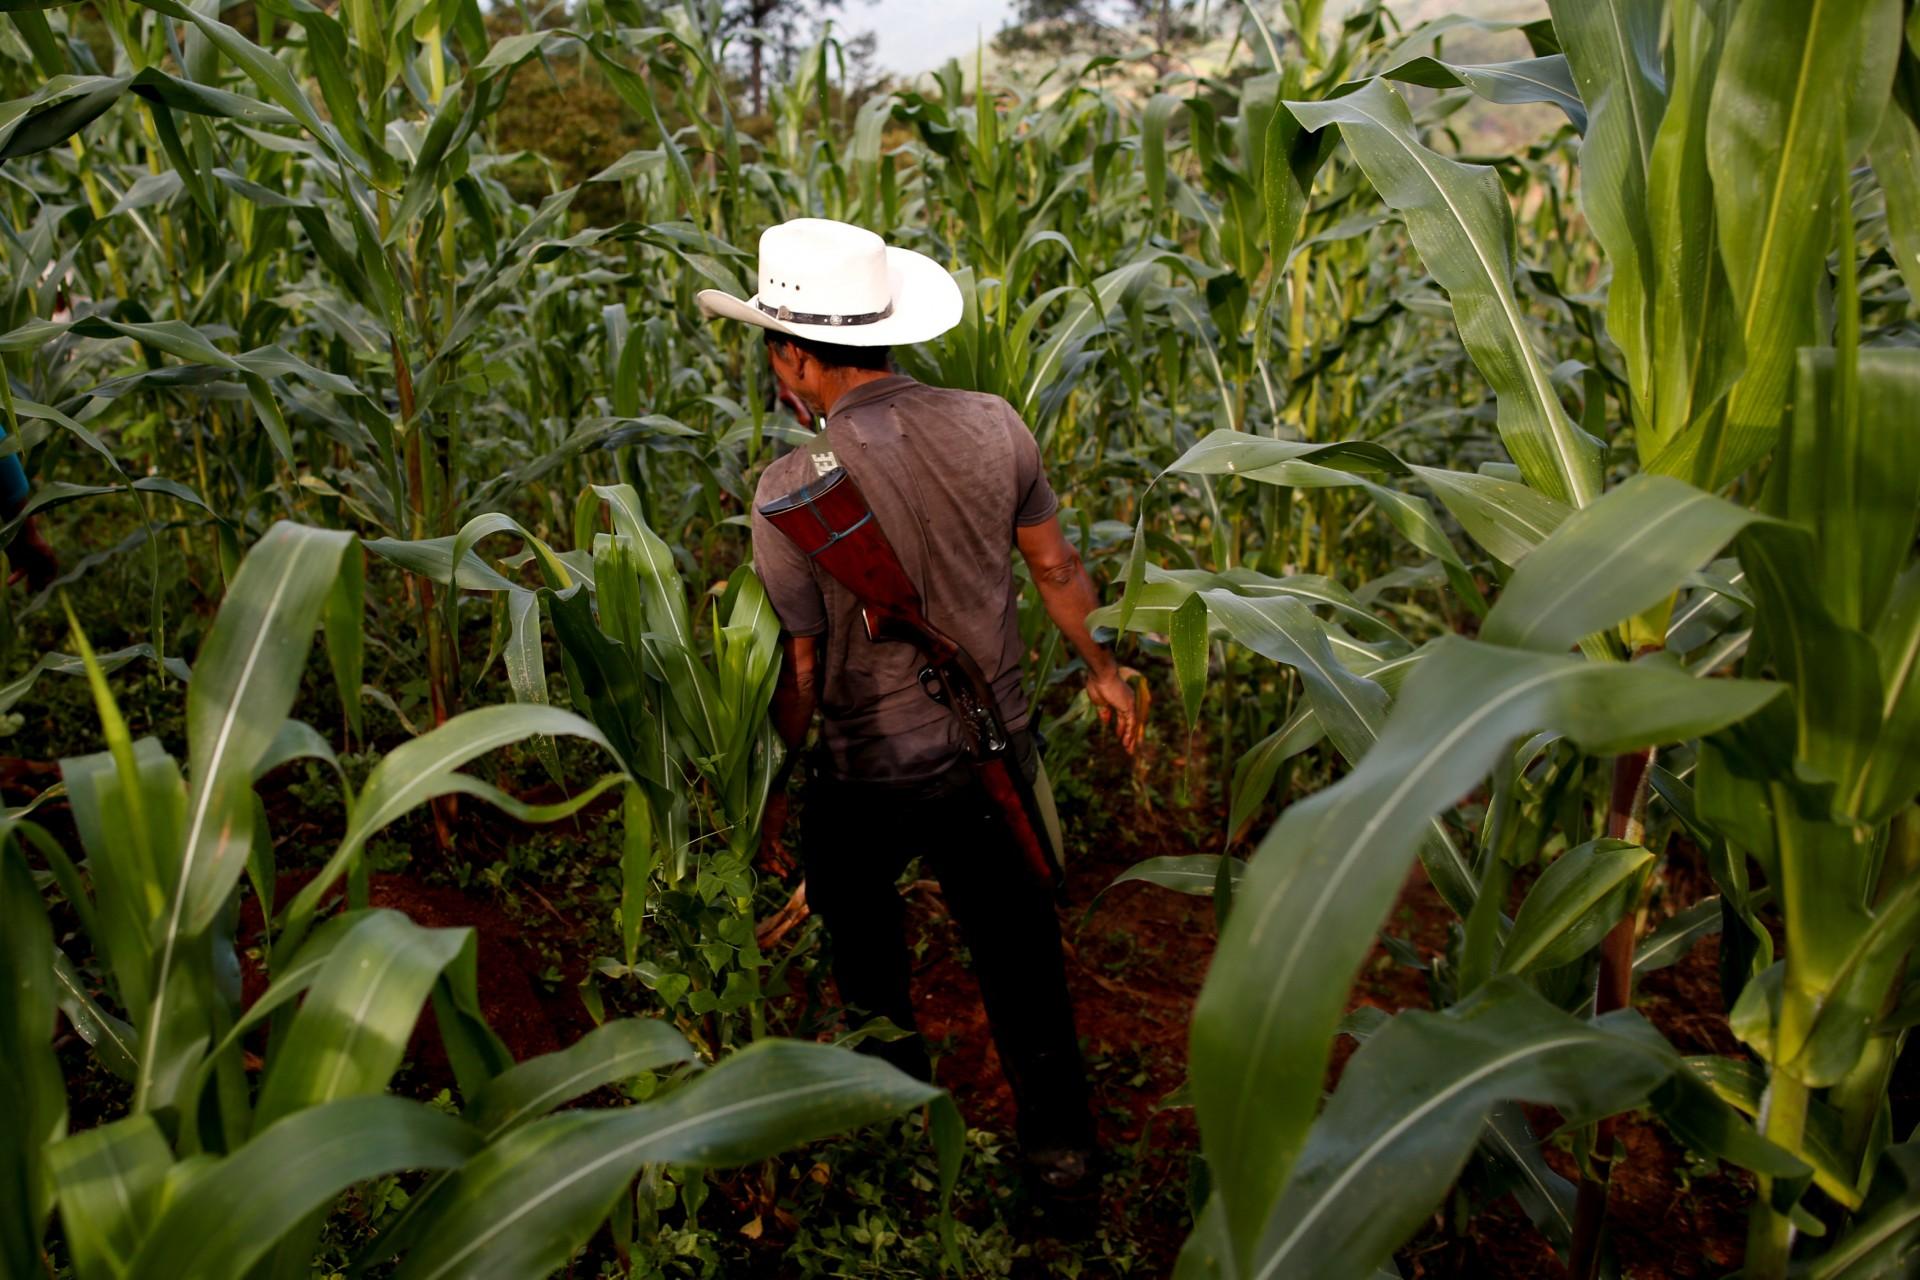 El agricultor de adormidera Francisco Santiago Clemente camina con su arma en la espalda en un campo de maíz en Juquila Yucucani en la Sierra Madre del Sur, en el estado sureño de Guerrero, México, 18 de agosto de 2018.